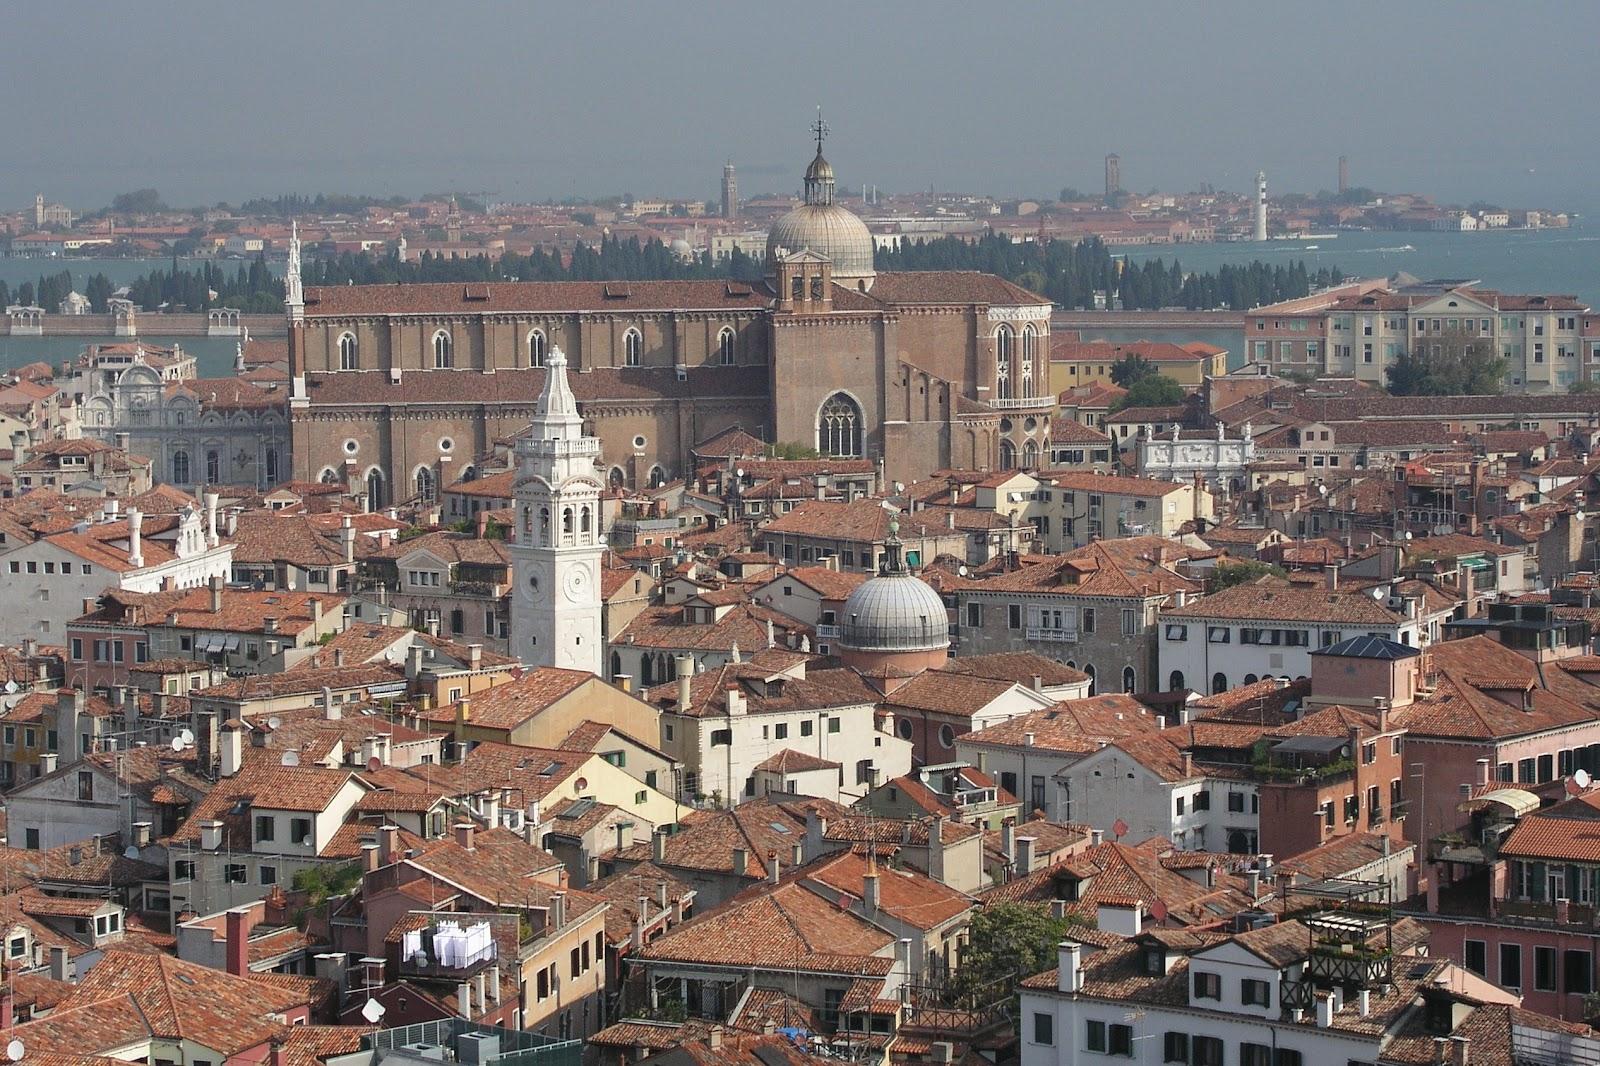 サン・マルコの鐘楼からのヴェネツィア市街の眺め